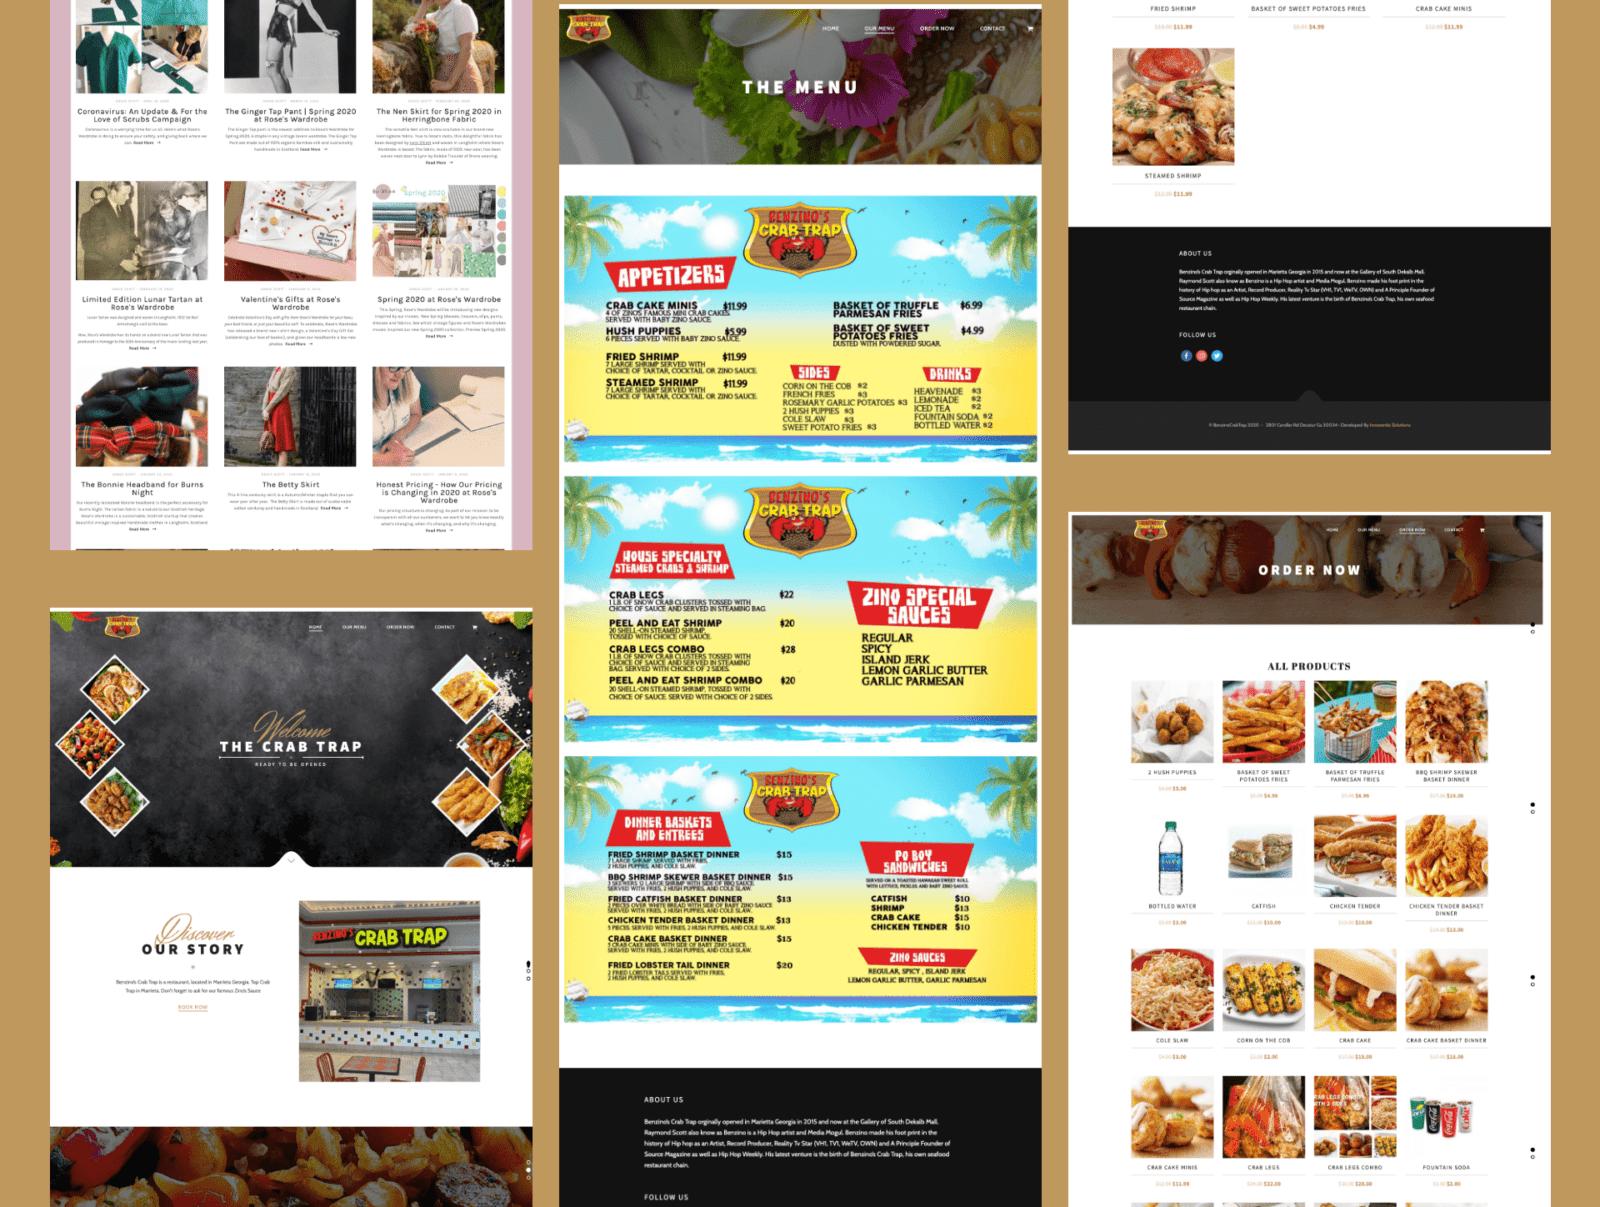 food ordering website development